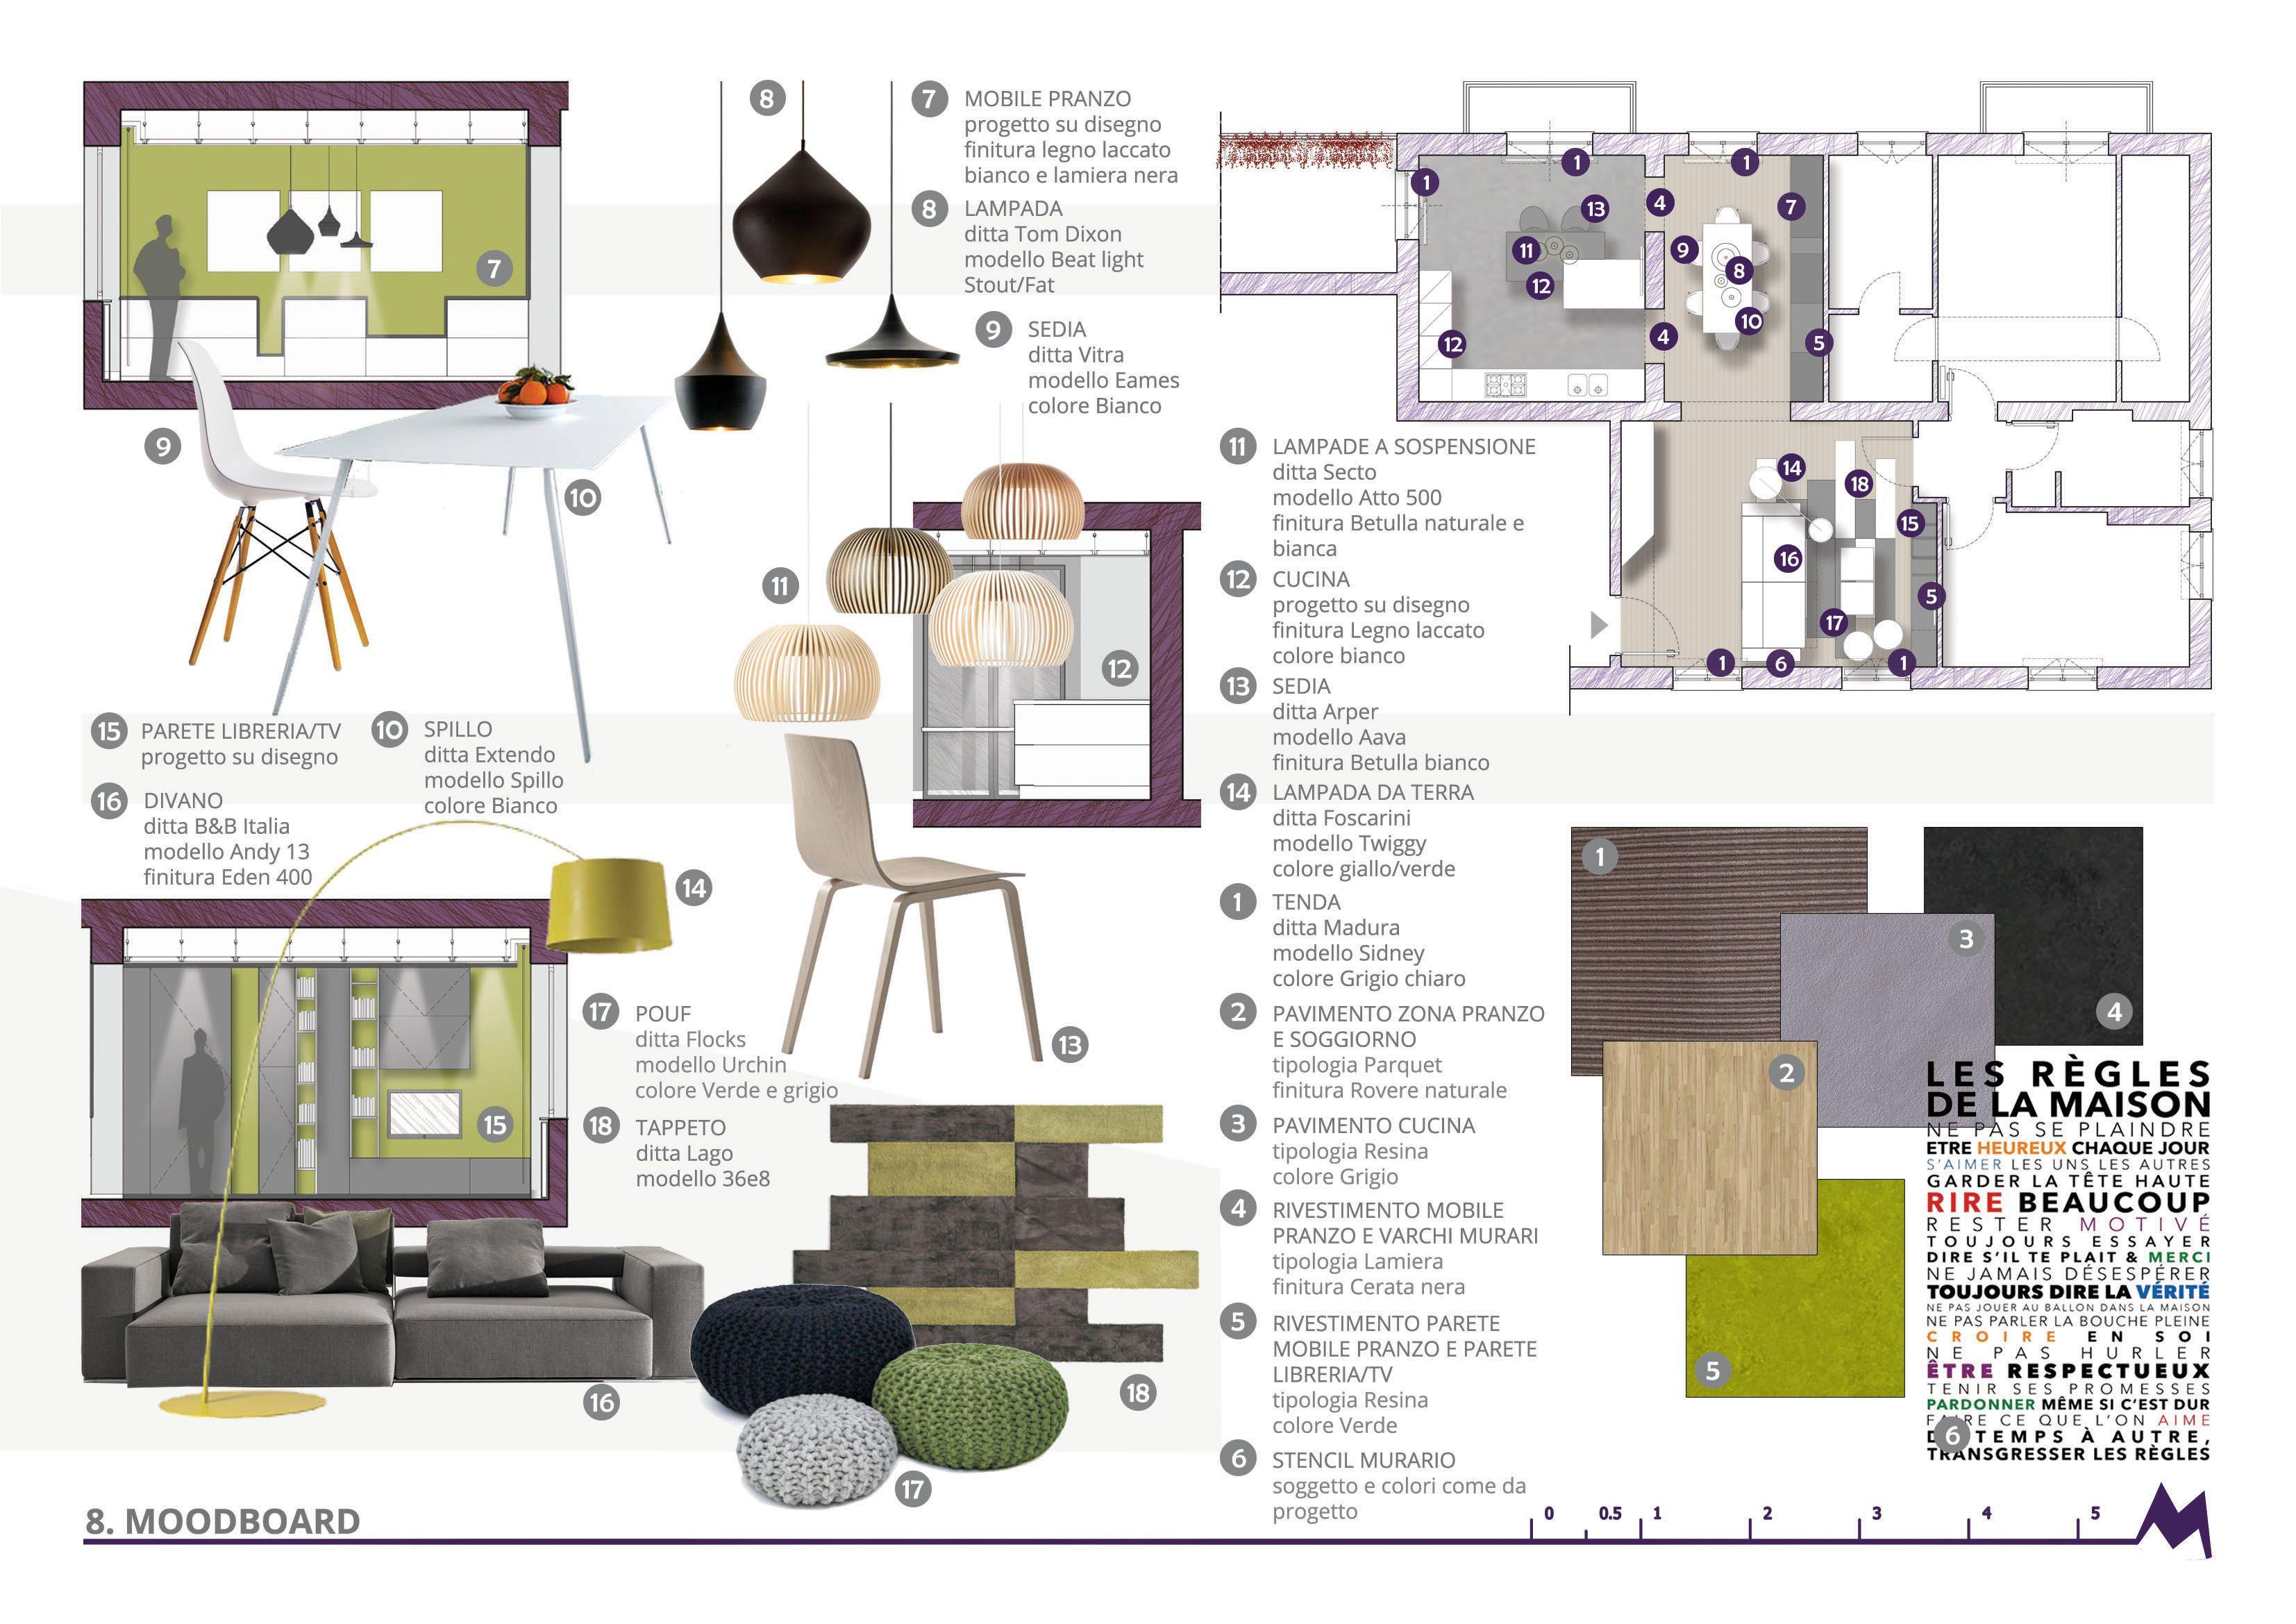 Moodboard Personalizzate Per La Scelta Di Arredi E Finiture Per Ottenere Un Restyling Dei Pro Portafogli Di Design Stili Di Interior Design Design Del Prodotto